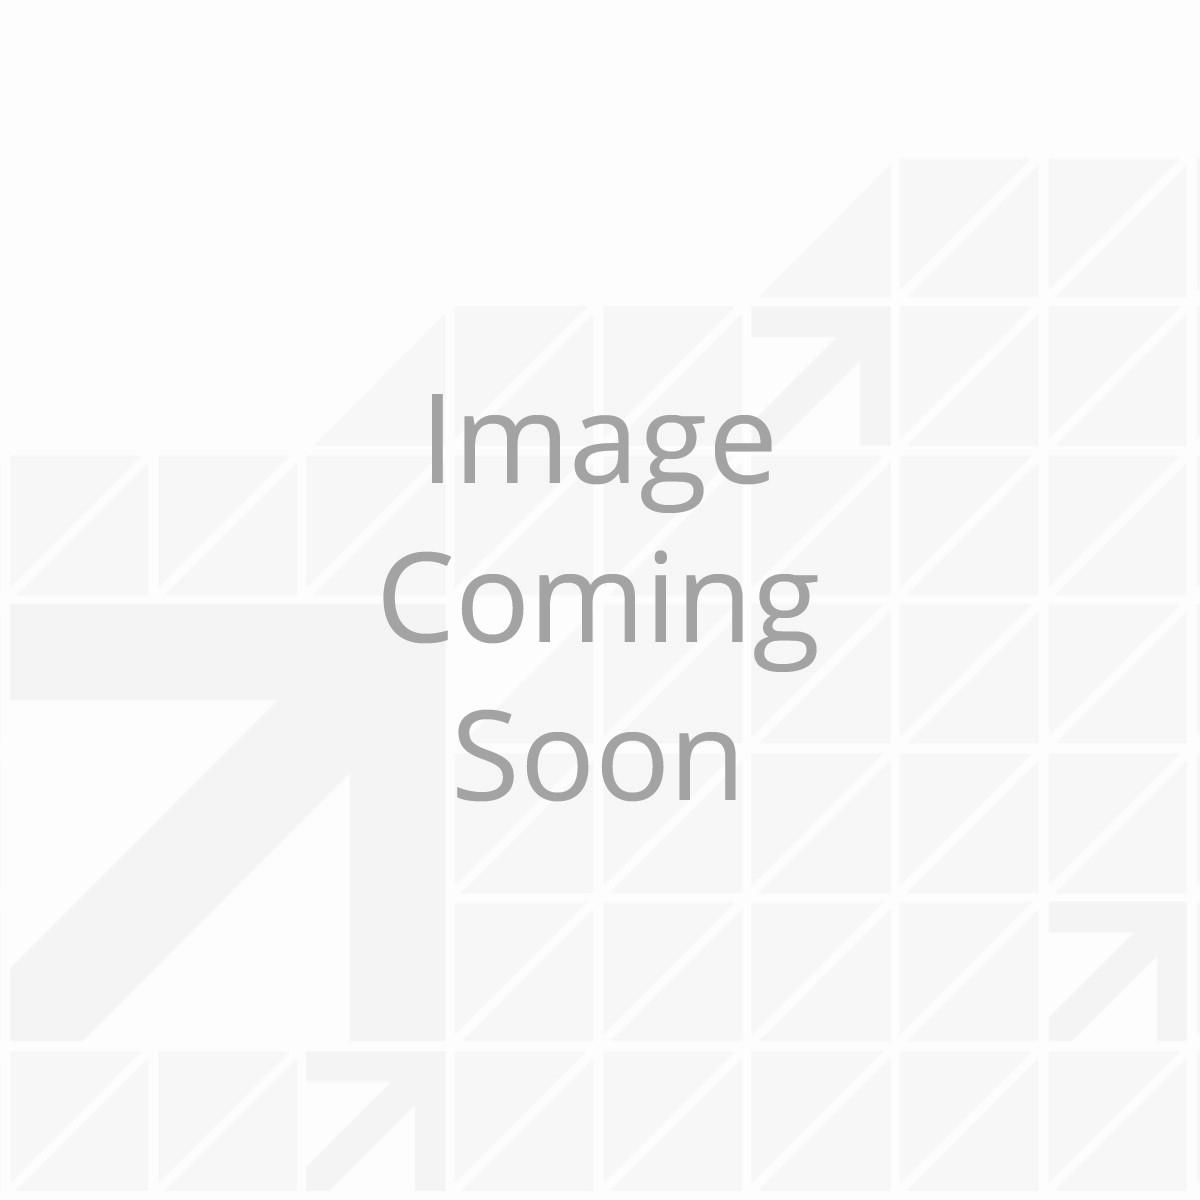 366215_-_triple_float_black_repair_kit_-_render_3